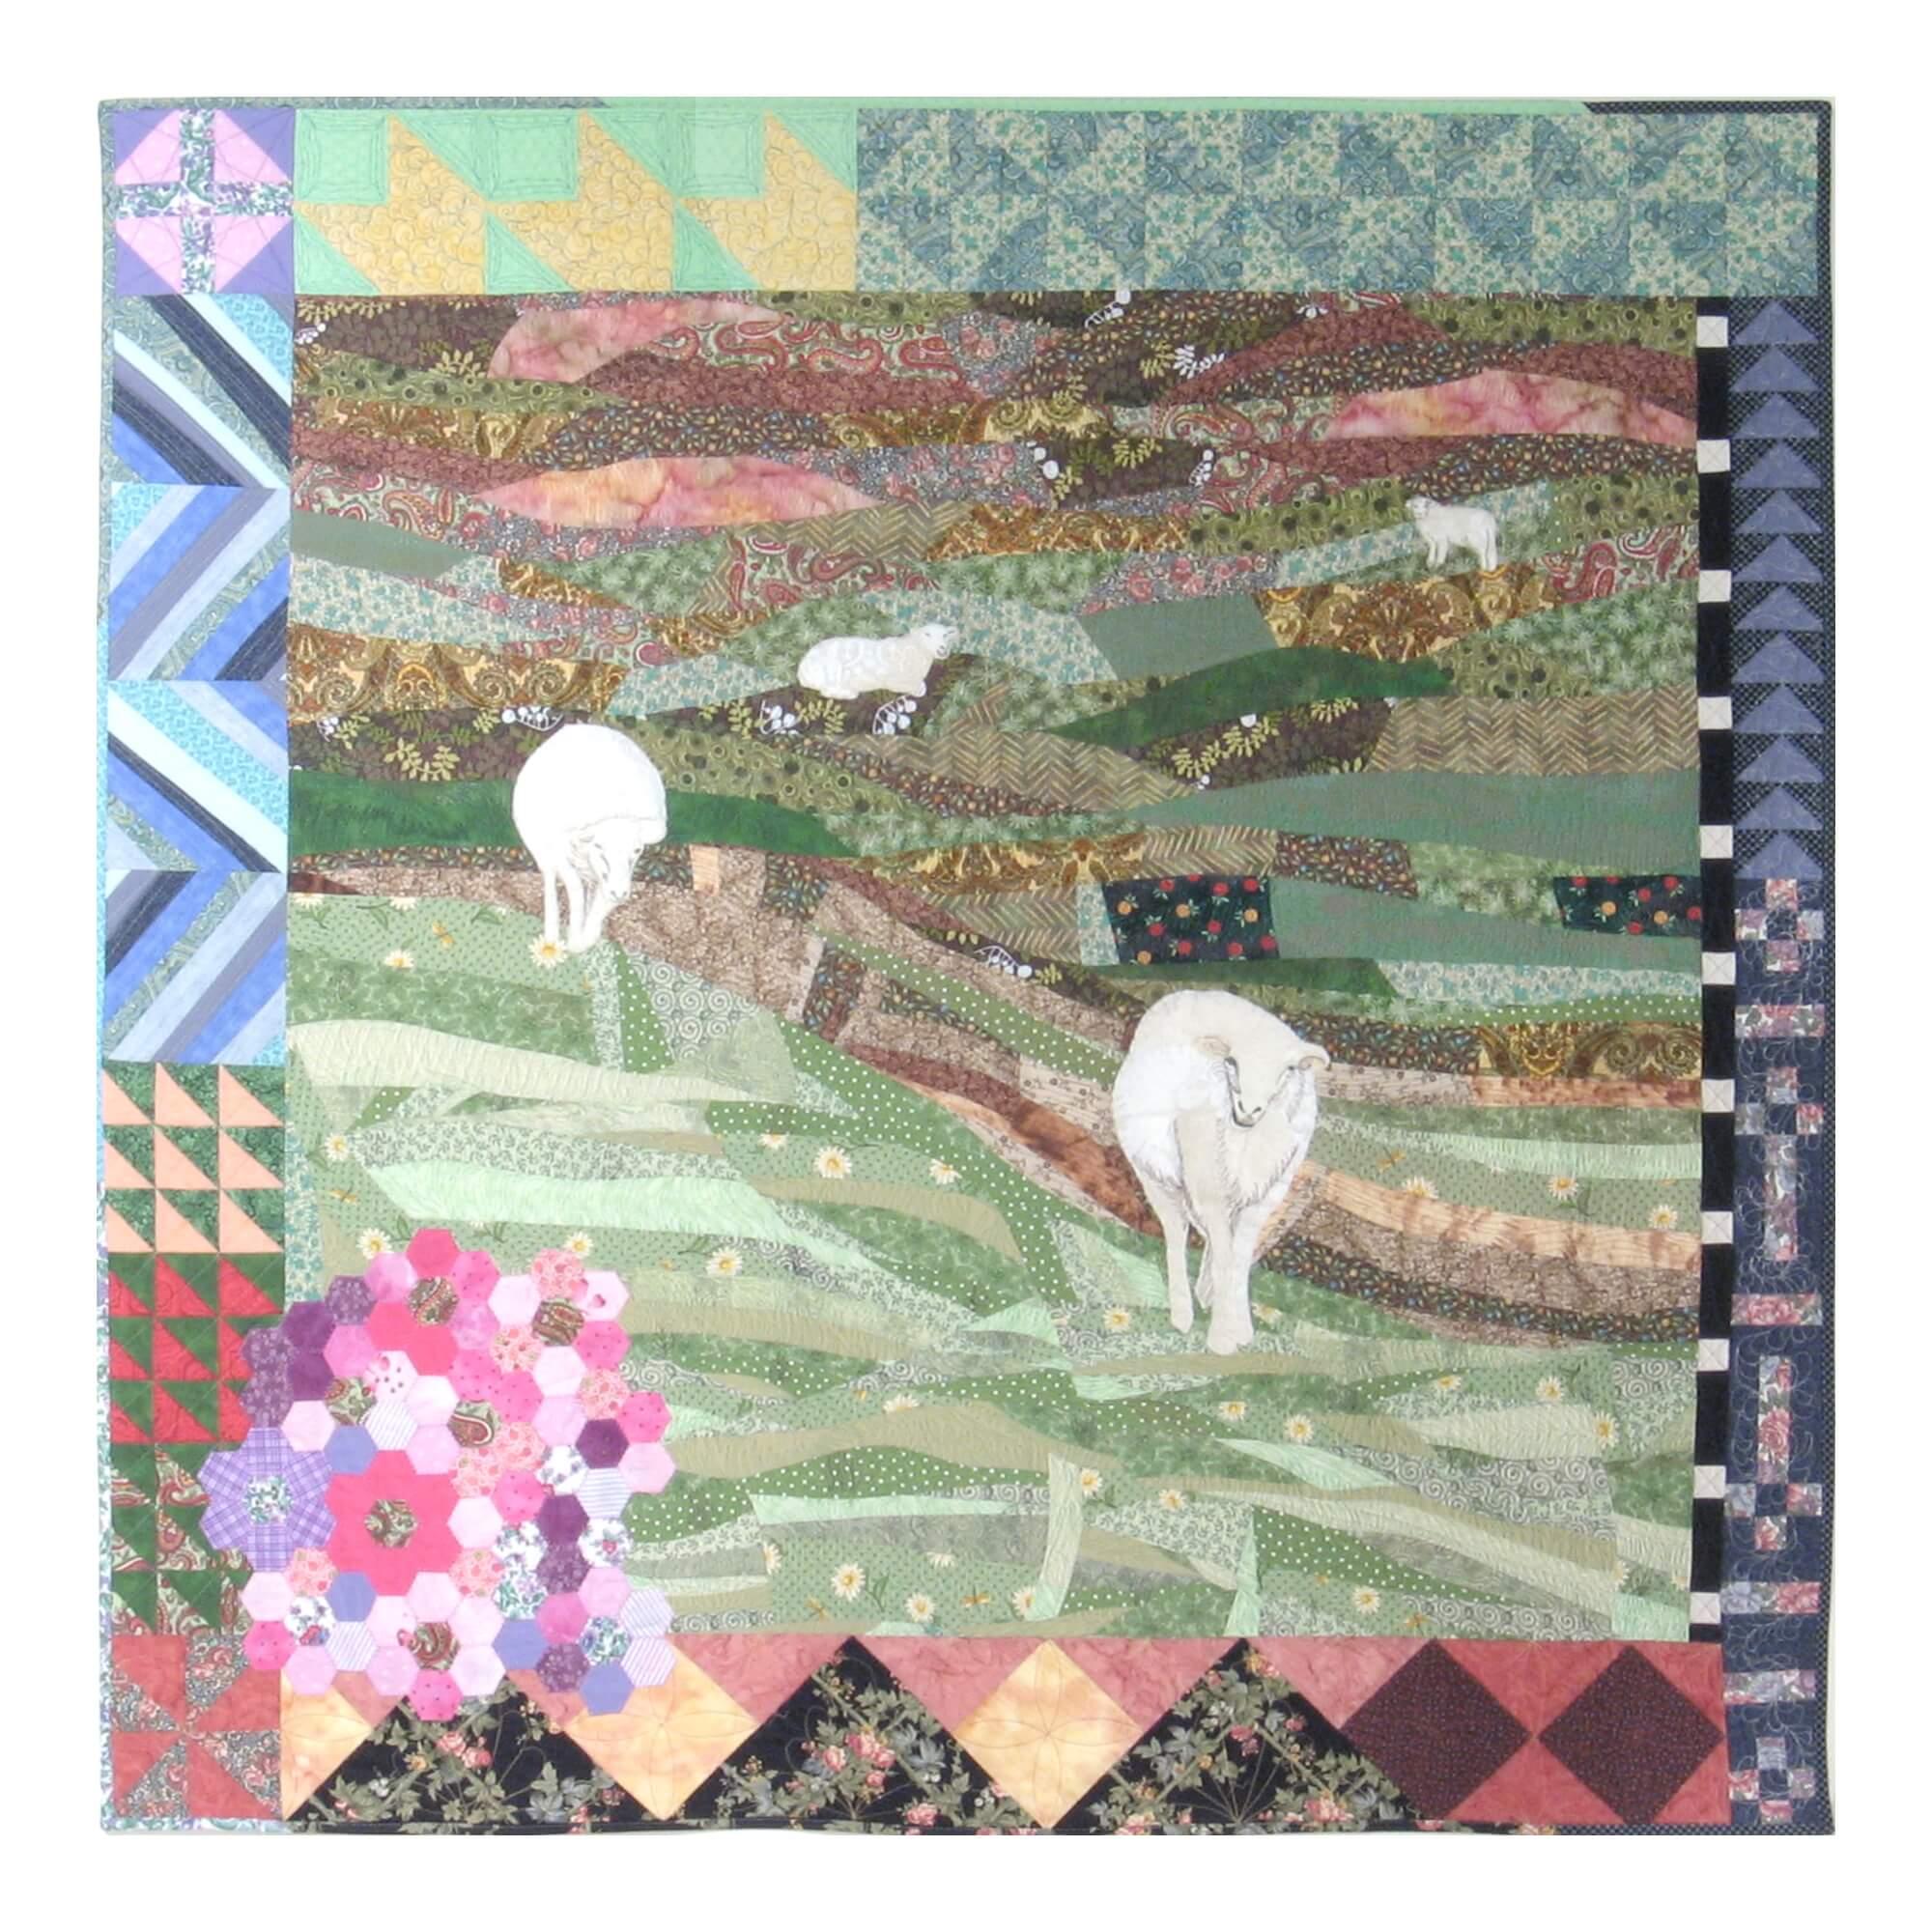 Pièce d'art textile Nature curieuse. Quatres moutons dans une prairie s'en viennent. Le contour est fait de blocs de courtepointe traditionnelle. Une partie en hexagones rose, lilas et violet fait un bosquet dans le coins gauche inférieur.